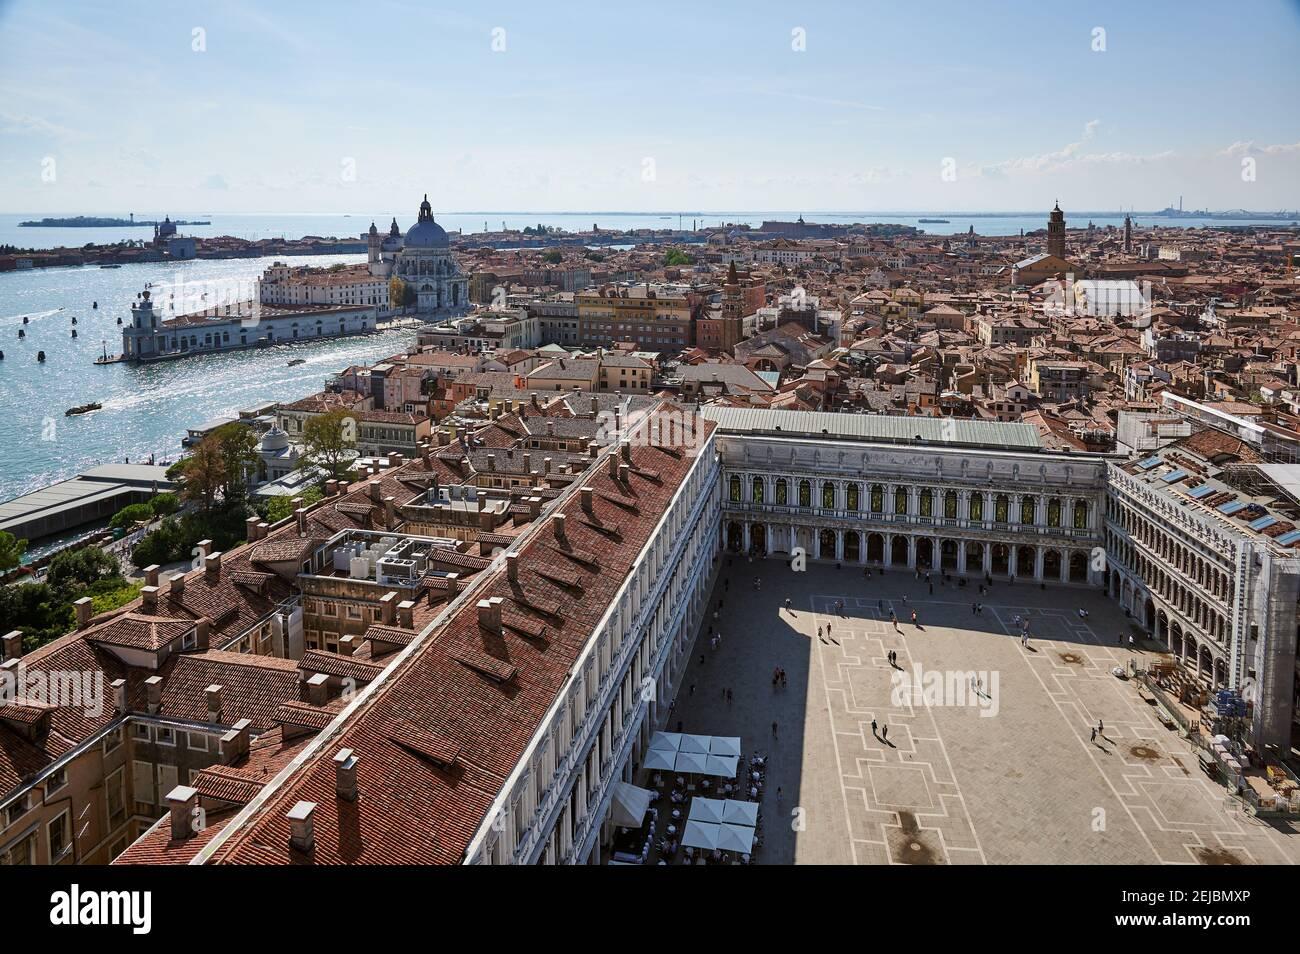 Vue aérienne de la tour San Marco sur la place Saint-Marc avec la basilique de Santa Maria della Salute et Punta della Dogana derrière, Venise, Vénétie, IT Banque D'Images